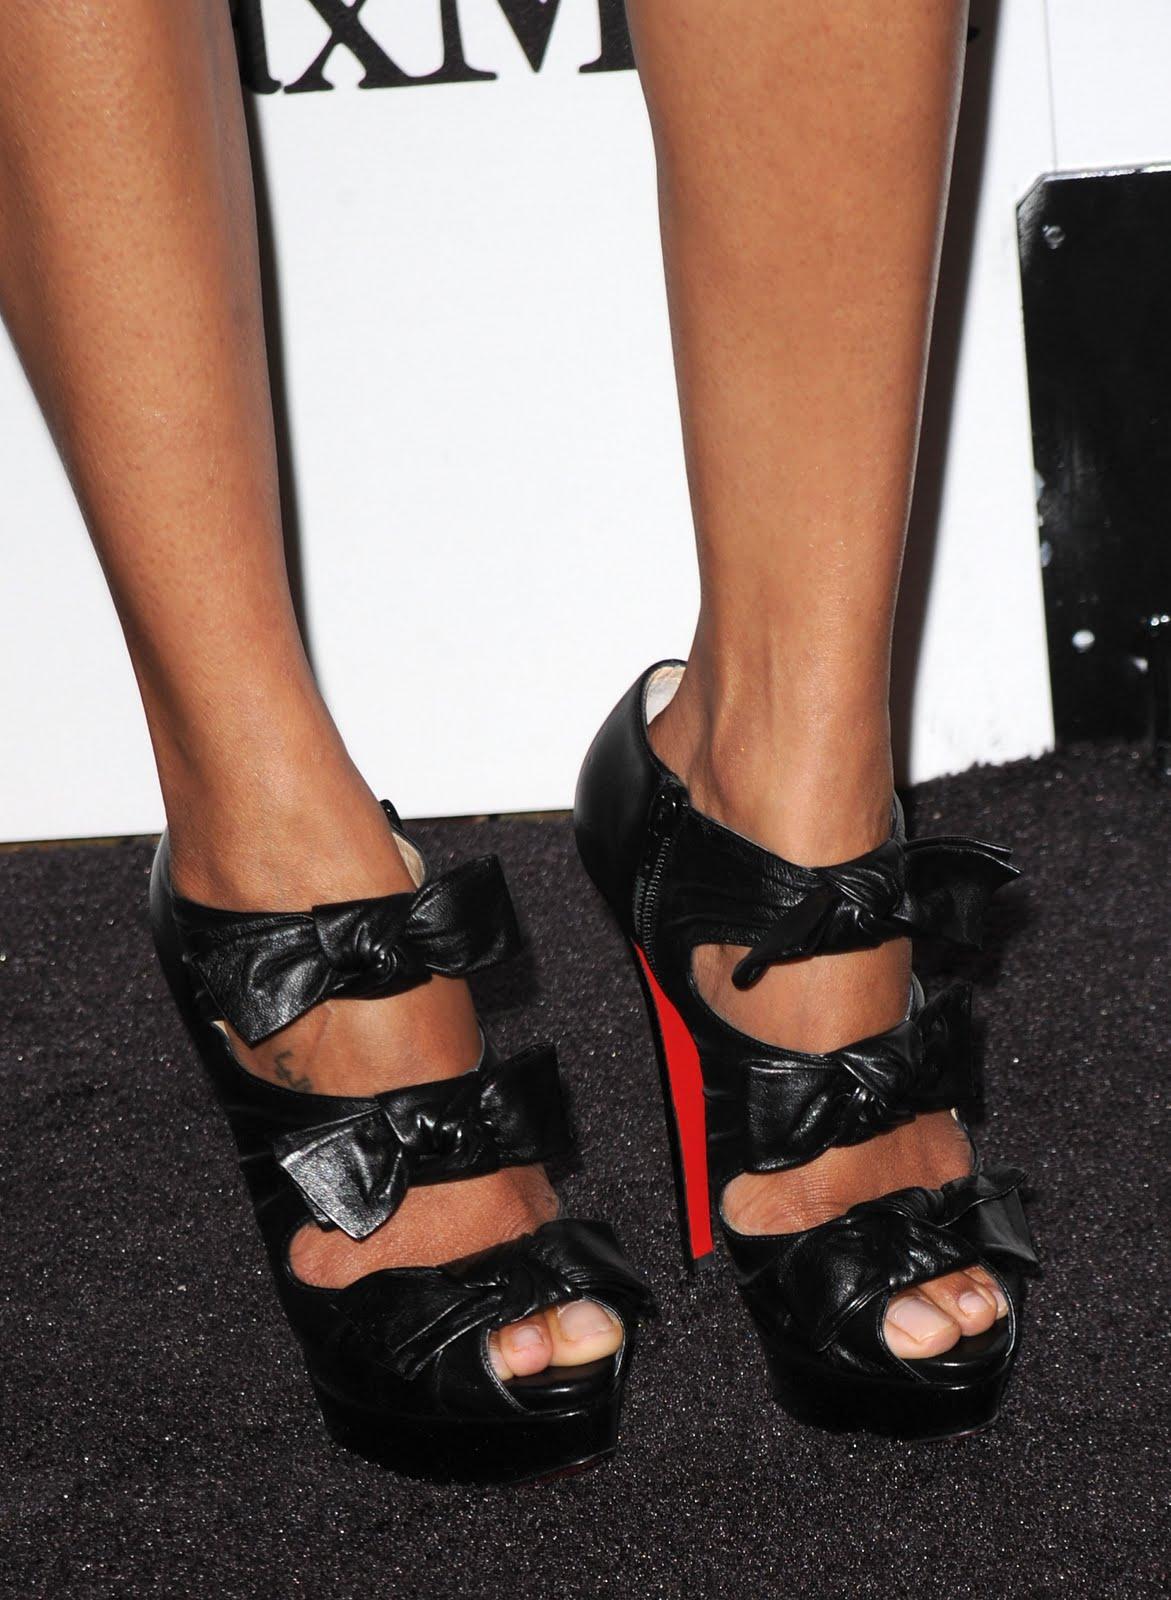 http://4.bp.blogspot.com/_bQ0SqifjNcg/TEaSDvgVq3I/AAAAAAAAY3o/x0FUC51BvTs/s1600/zoe-saldana-feet.jpg